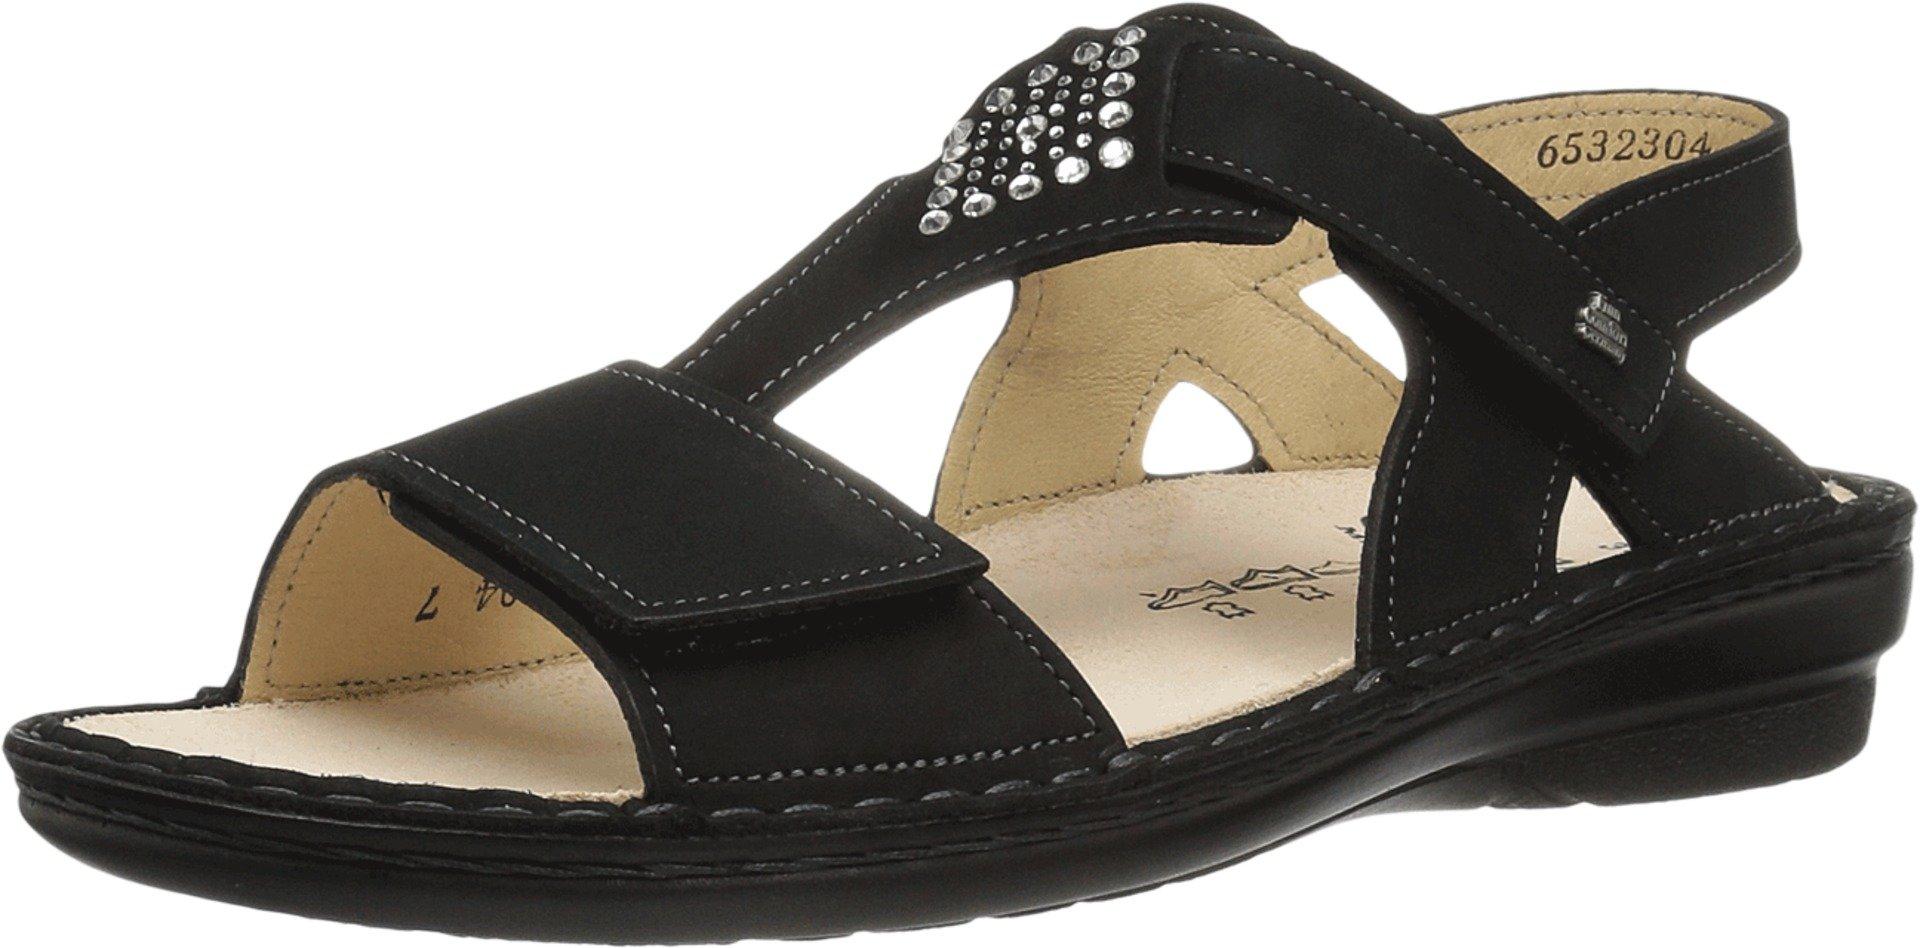 Finn Comfort Women's Calvia Black Nubuck Sandal